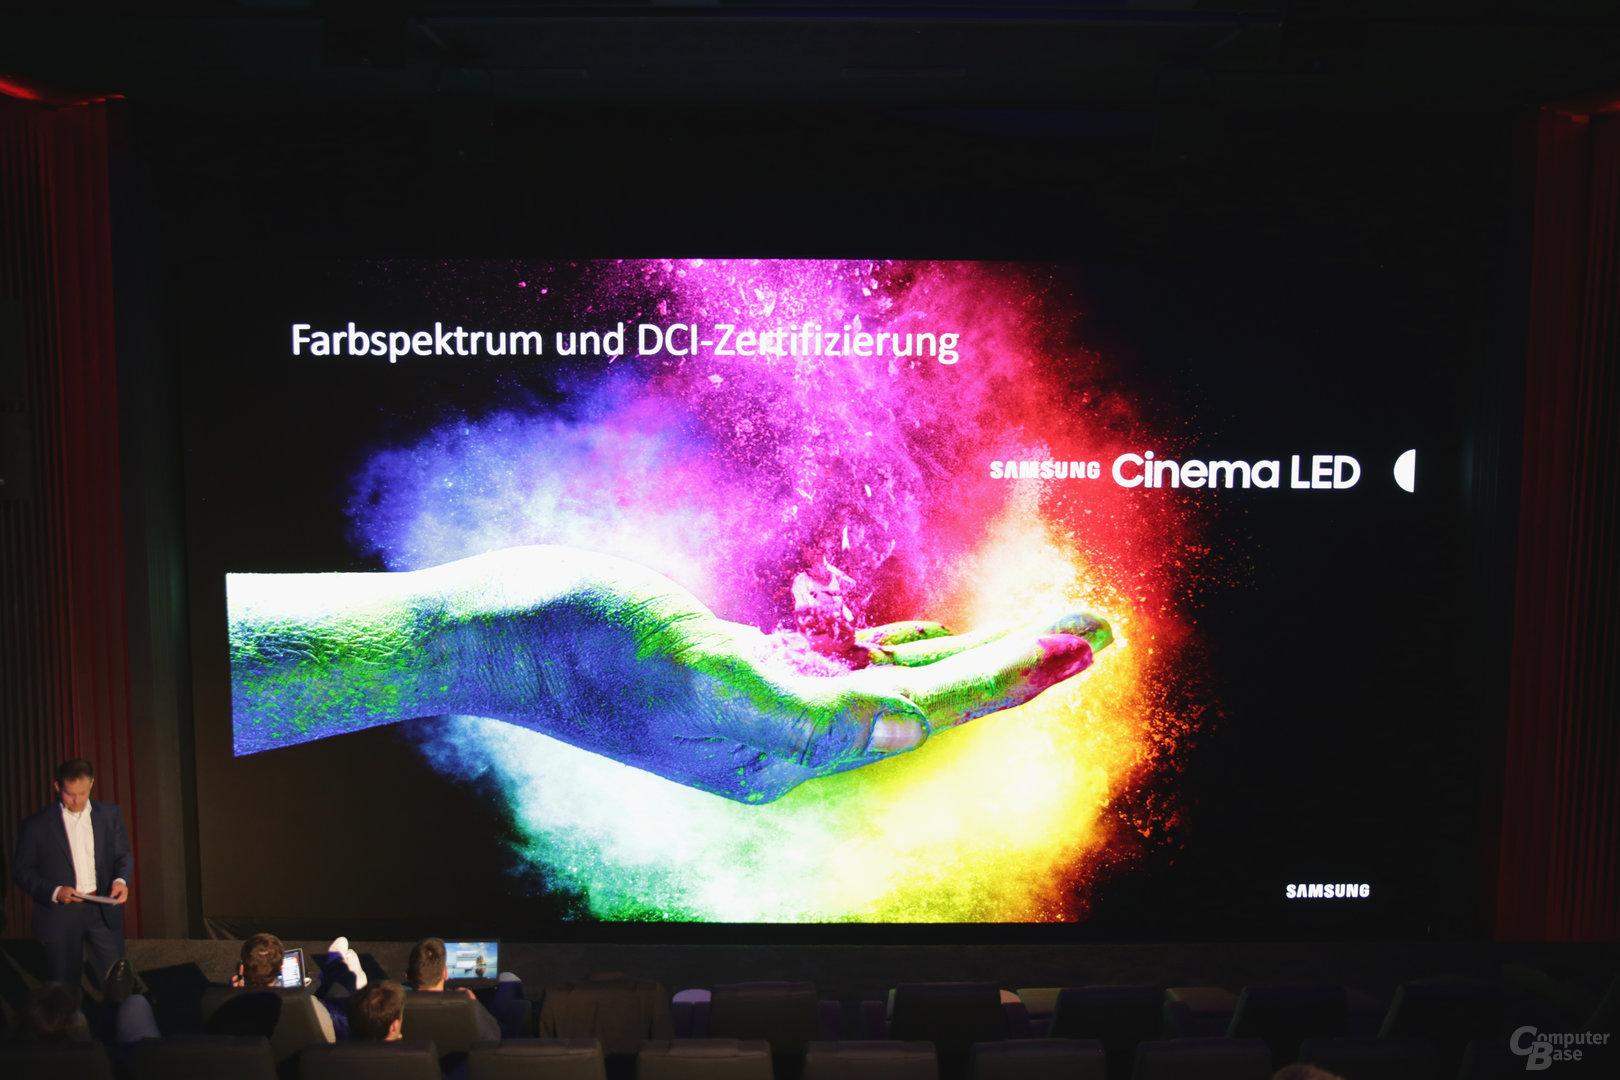 Samsung Cinema LED trägt die DCI-Zertifizierung